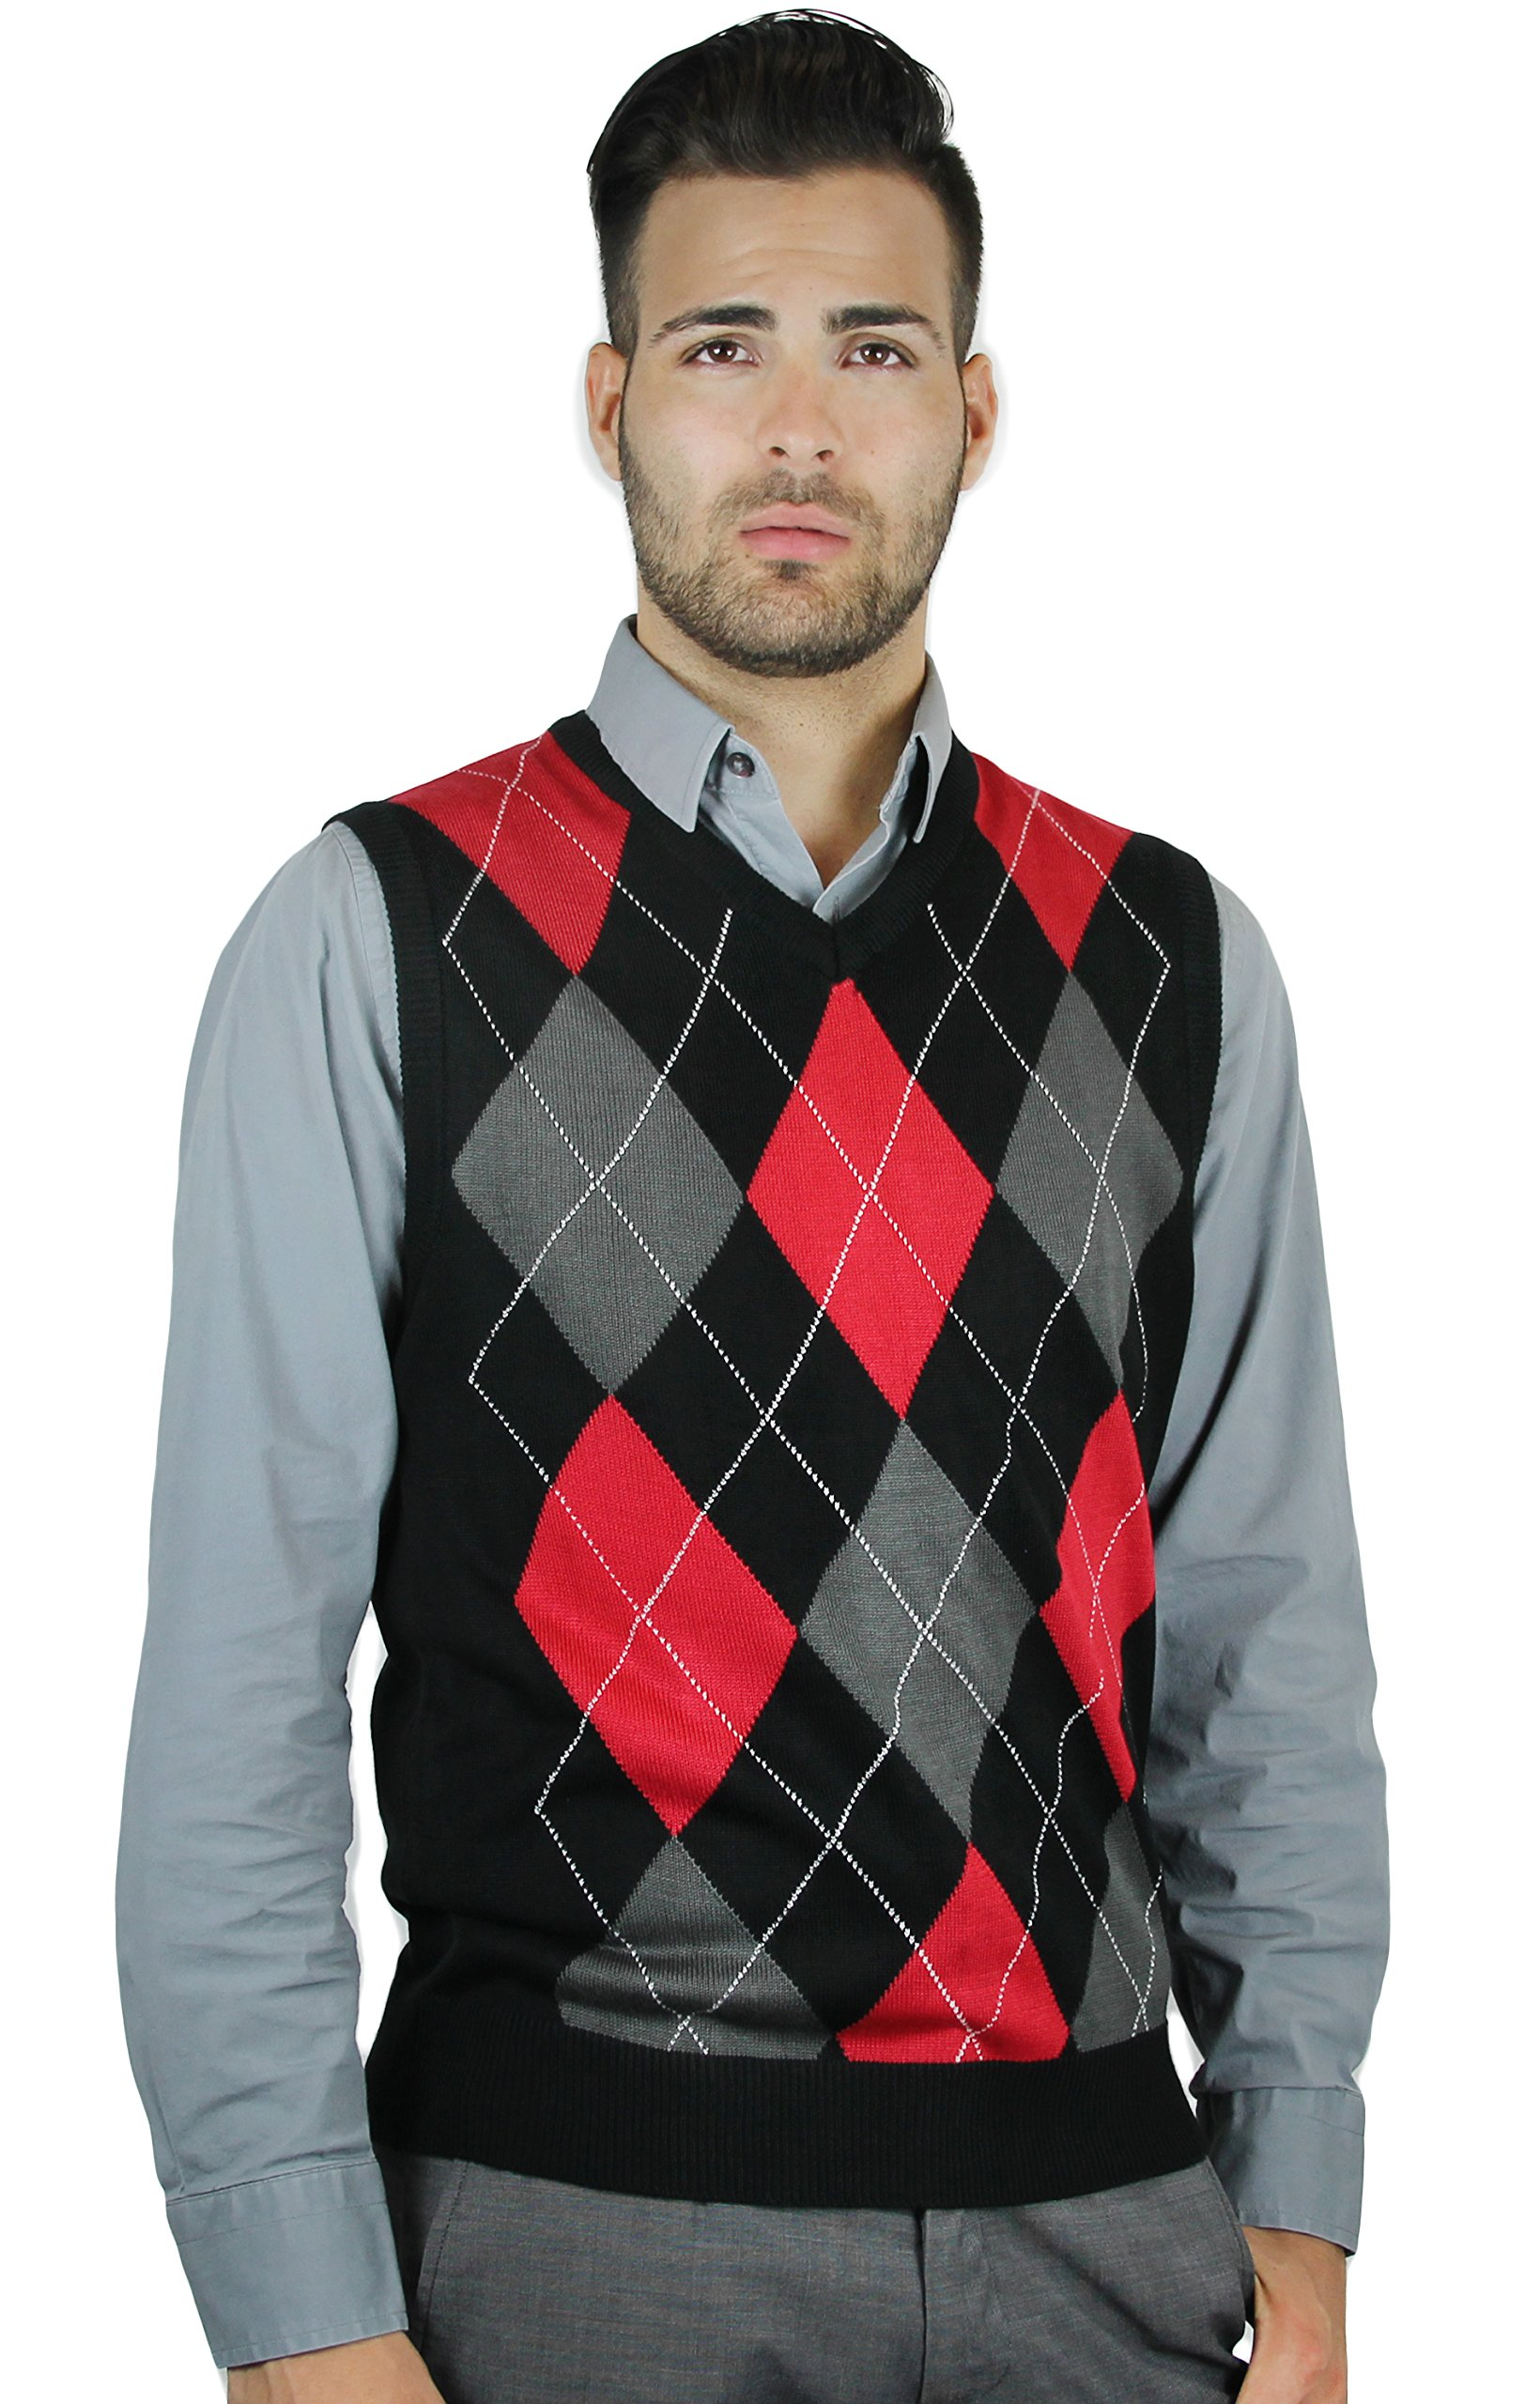 Blue Ocean Argyle Sweater Vest-3X-Large